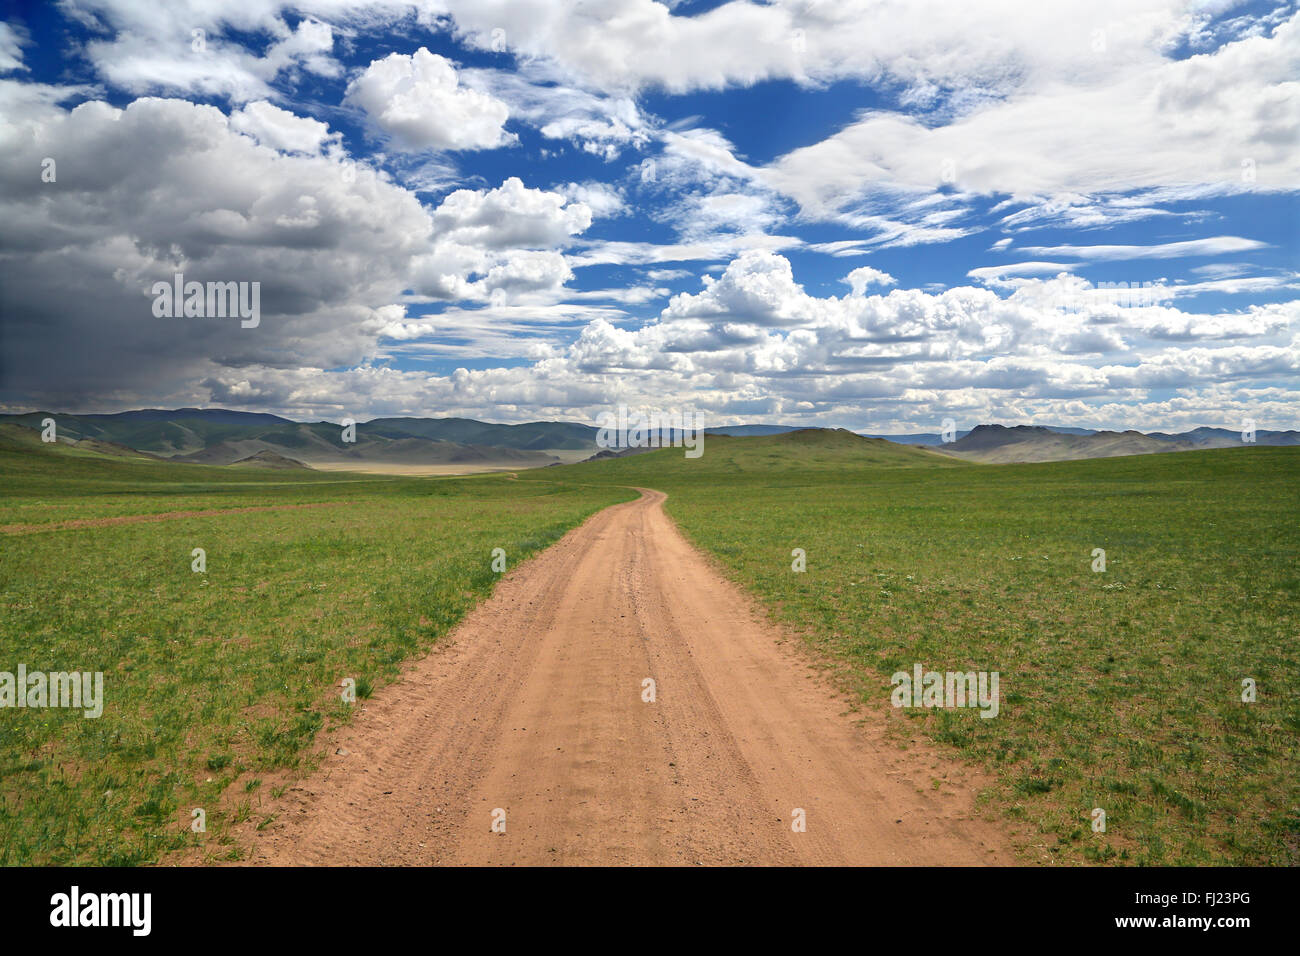 Mongolia landscape - Stock Image